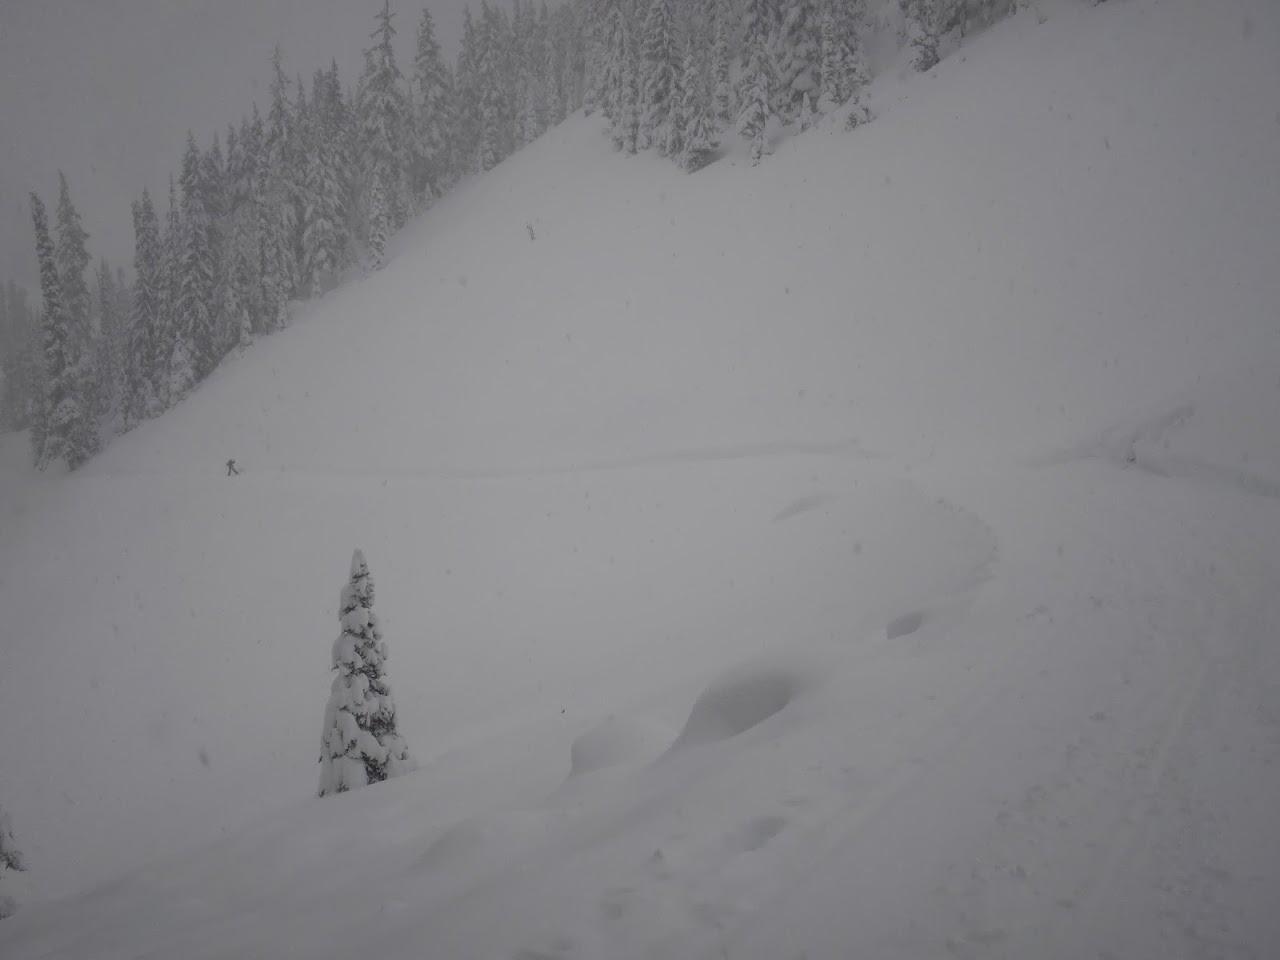 Jan 14 XC Ski - CIMG4769.JPG